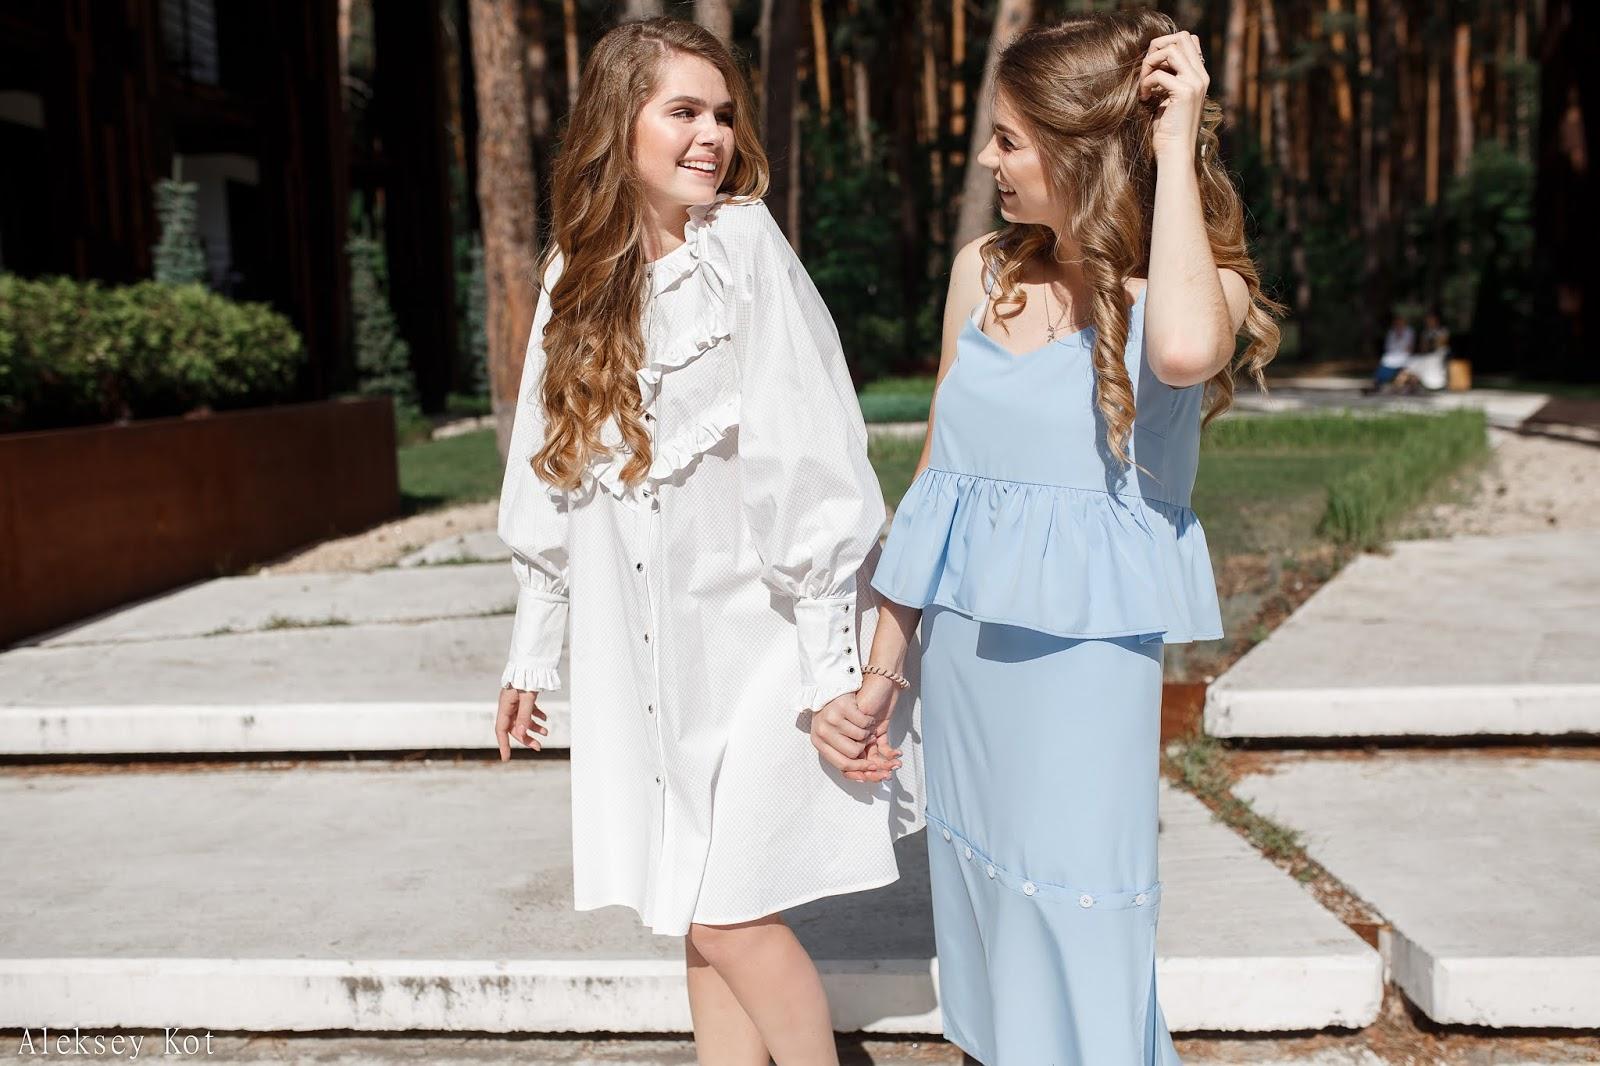 В рамках мероприятия впервые прошел отдельный блок показов брендов детской  одежды. Гости из Харькова 5eddd6ba60823